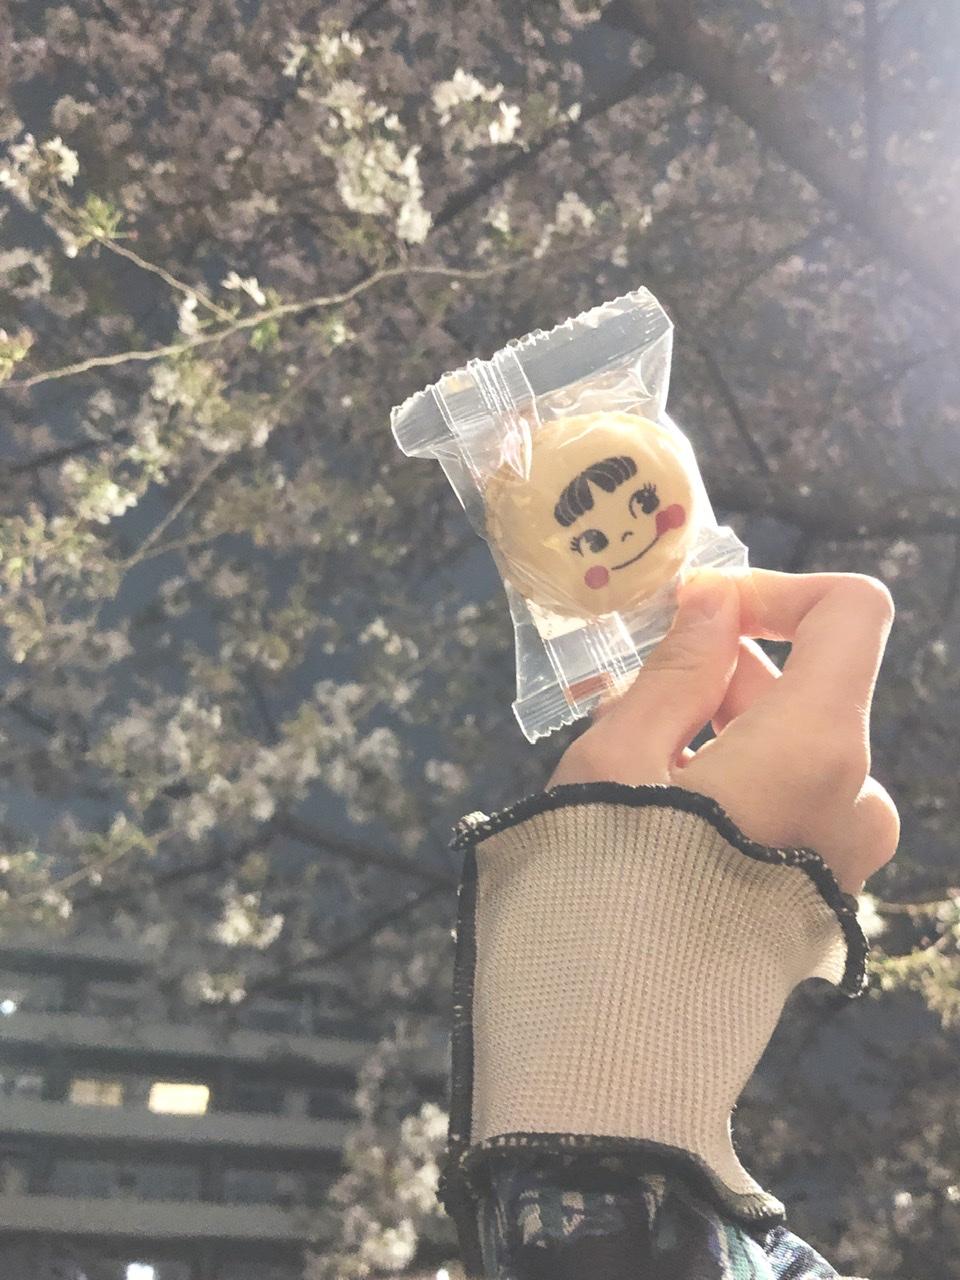 【おすすめ抹茶スイーツ】緊急事態宣言明けのピクニックの手土産はこれで決定!喜ばれること間違いなし、サンリオマカロン♡_4